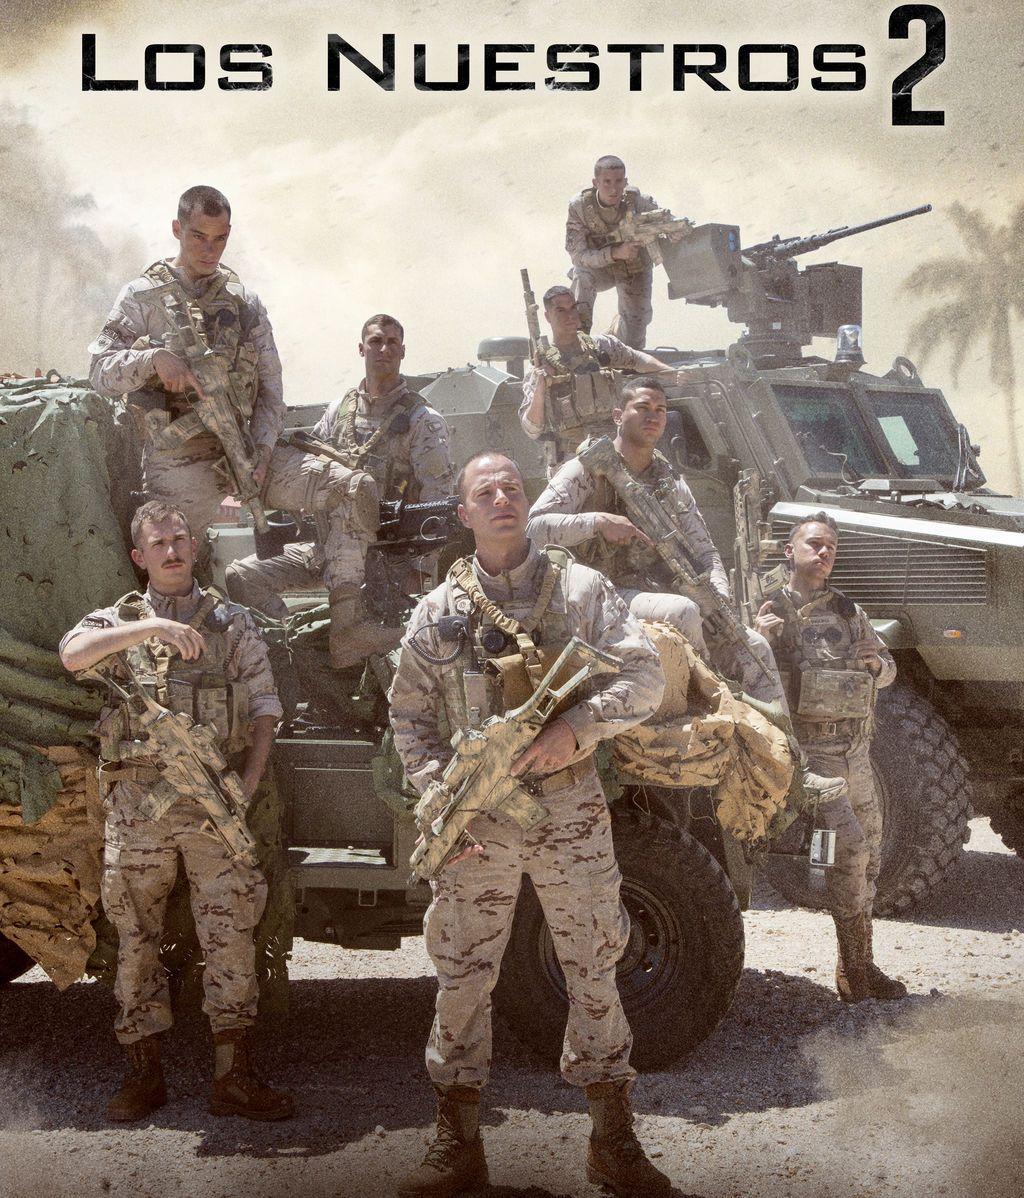 LOS NUESTROS CARTEL Soldados